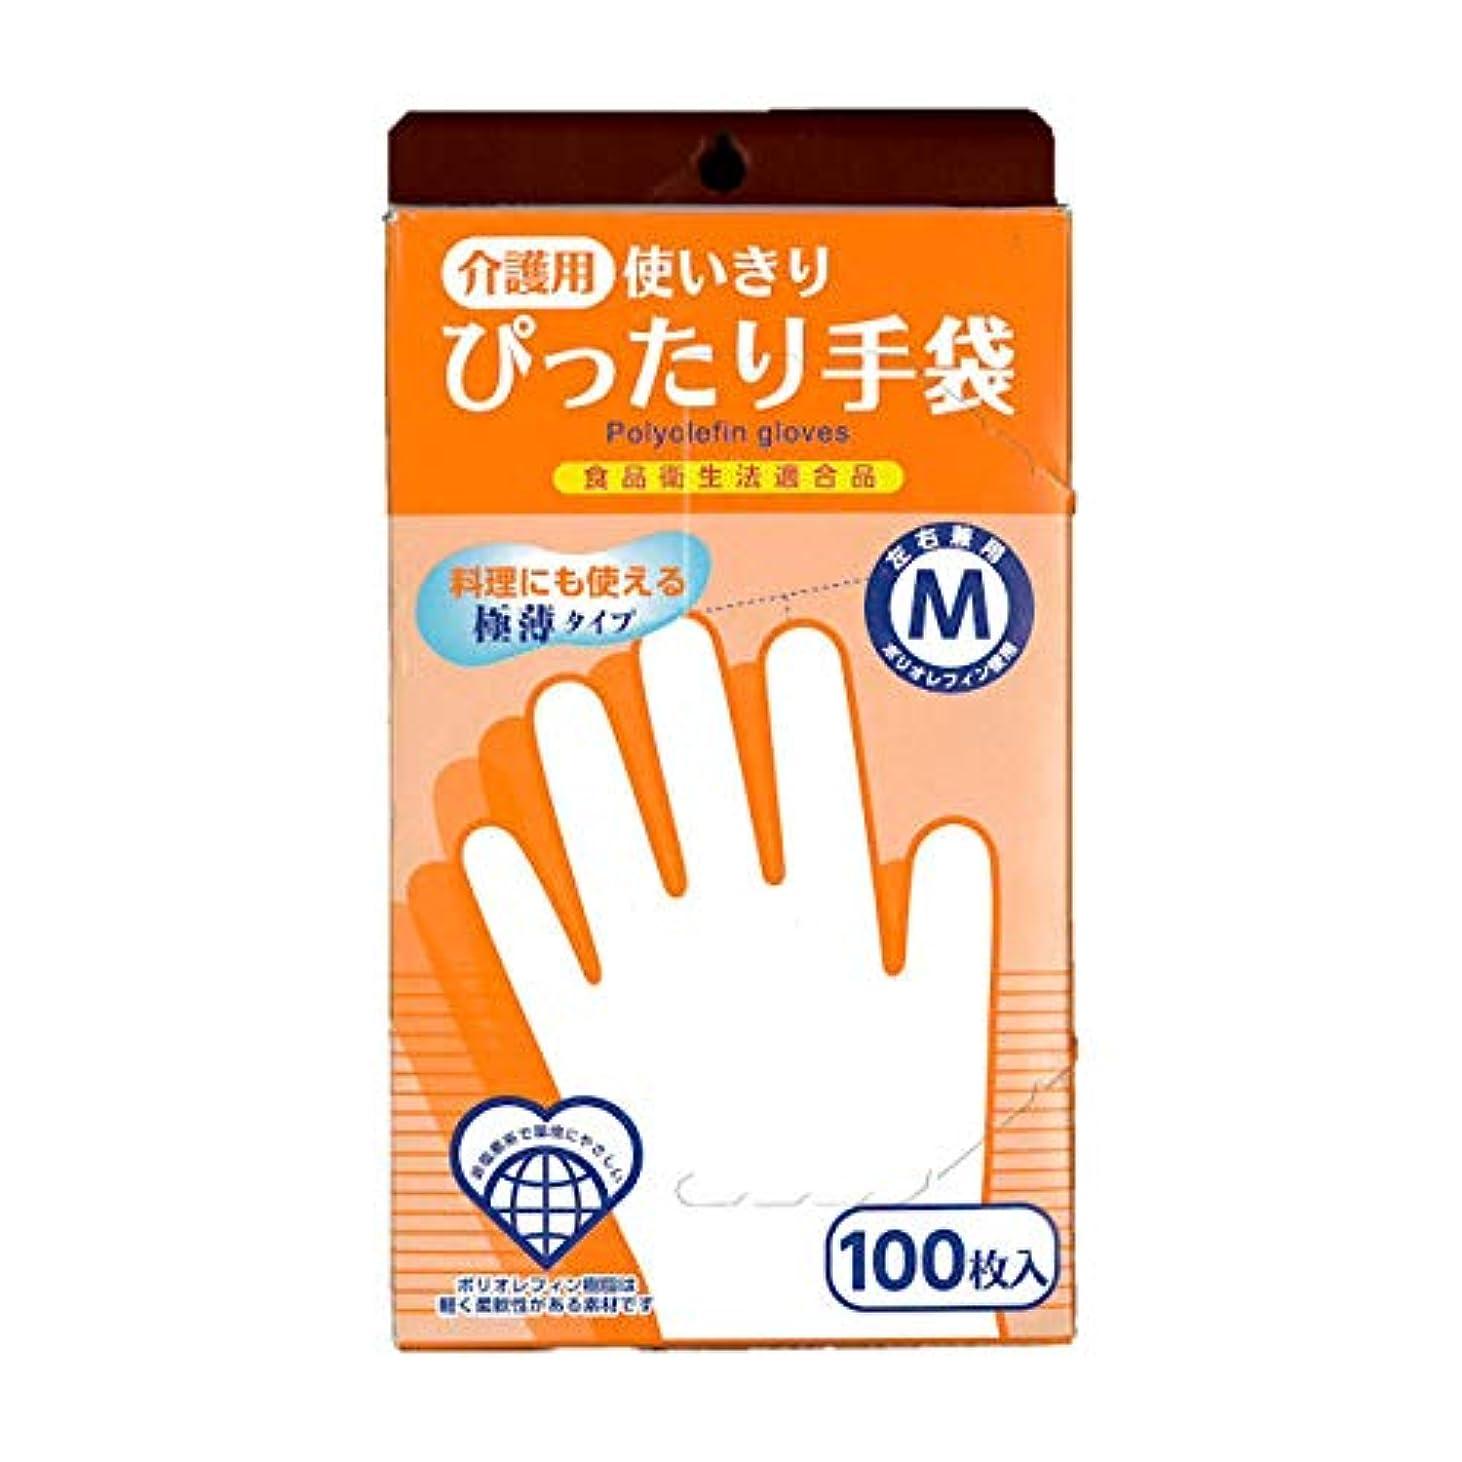 カバー動機空中奥田薬品 介護用 使いきりぴったり手袋 Mサイズ 100枚